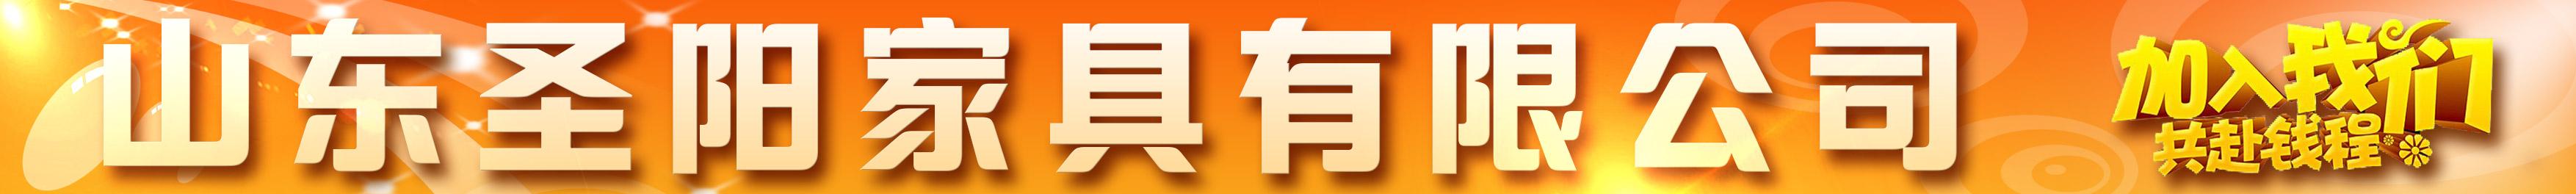 山东圣阳家具有限公司